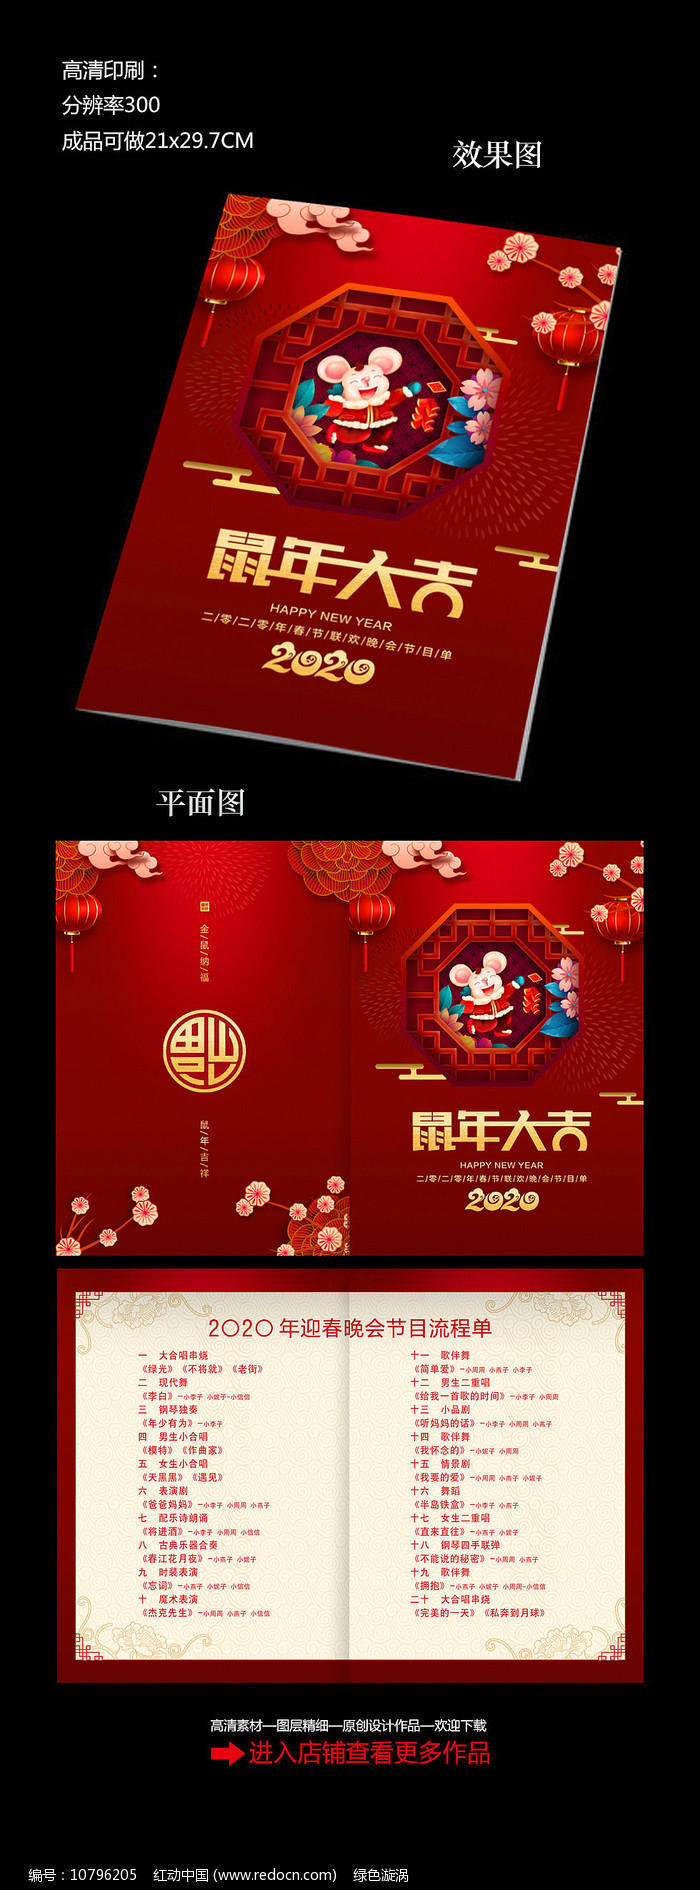 喜庆2020鼠年晚会节目单设计图片